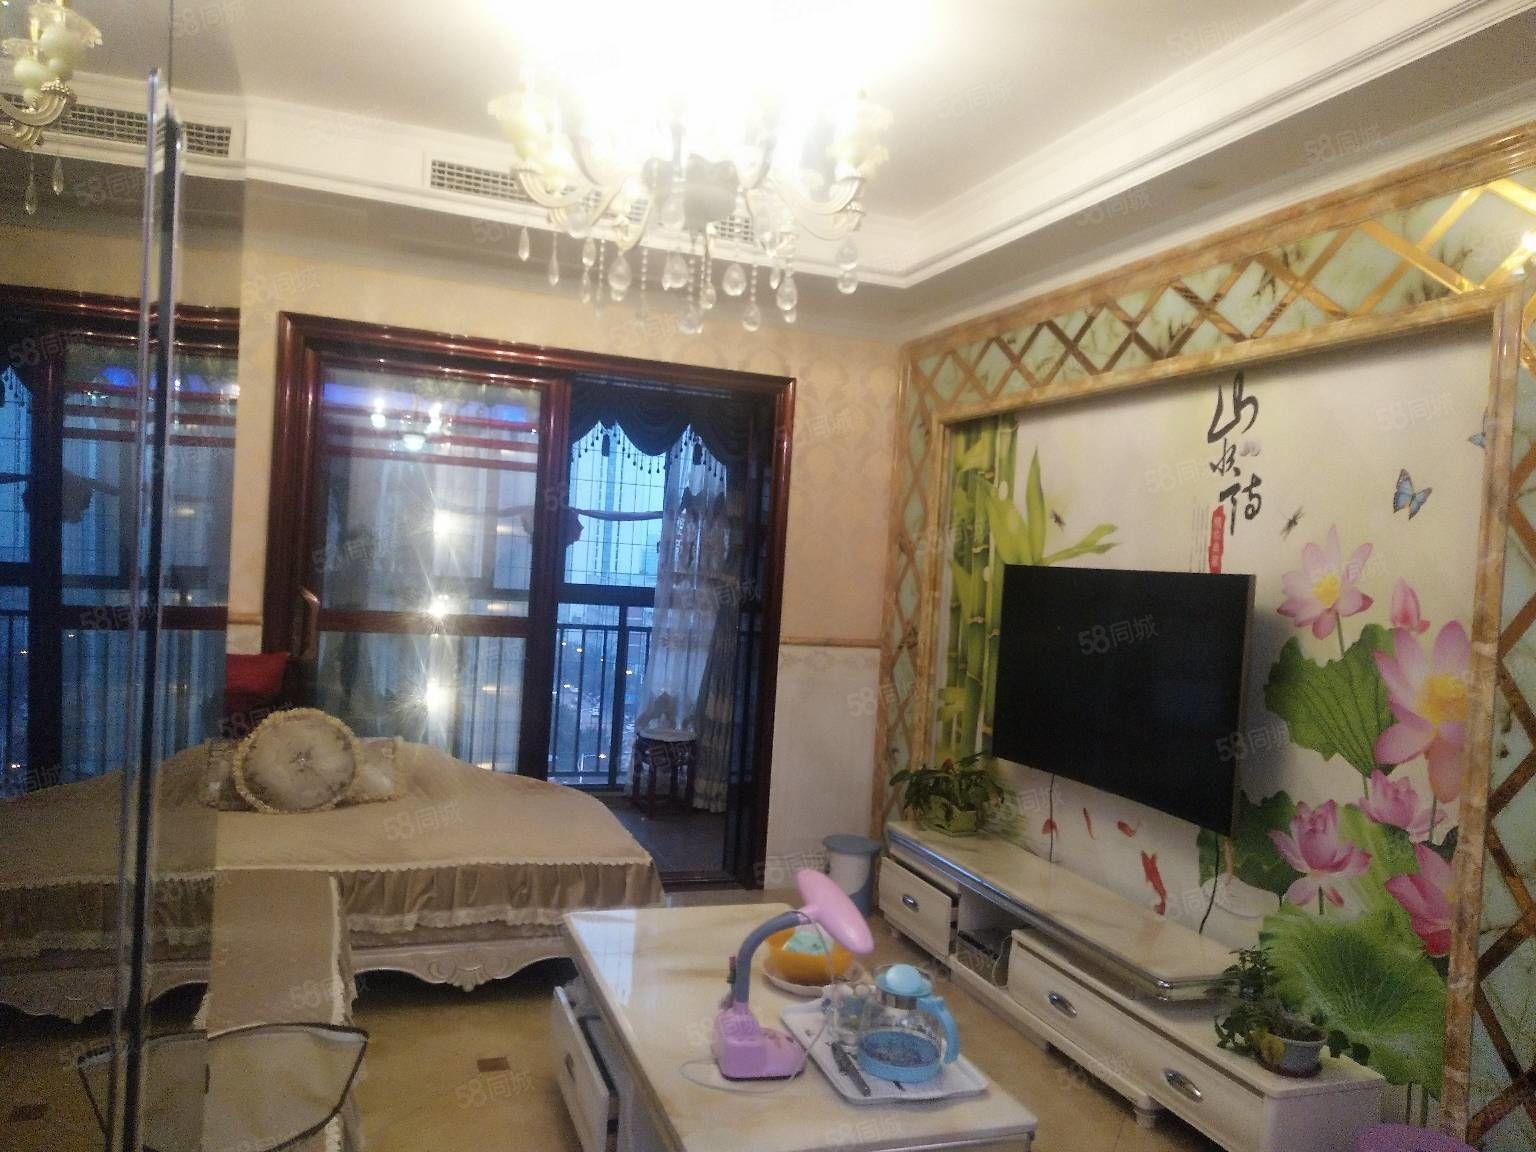 萬達附近,真實圖片,豪華兩房出租,尚品國際小區,小高層